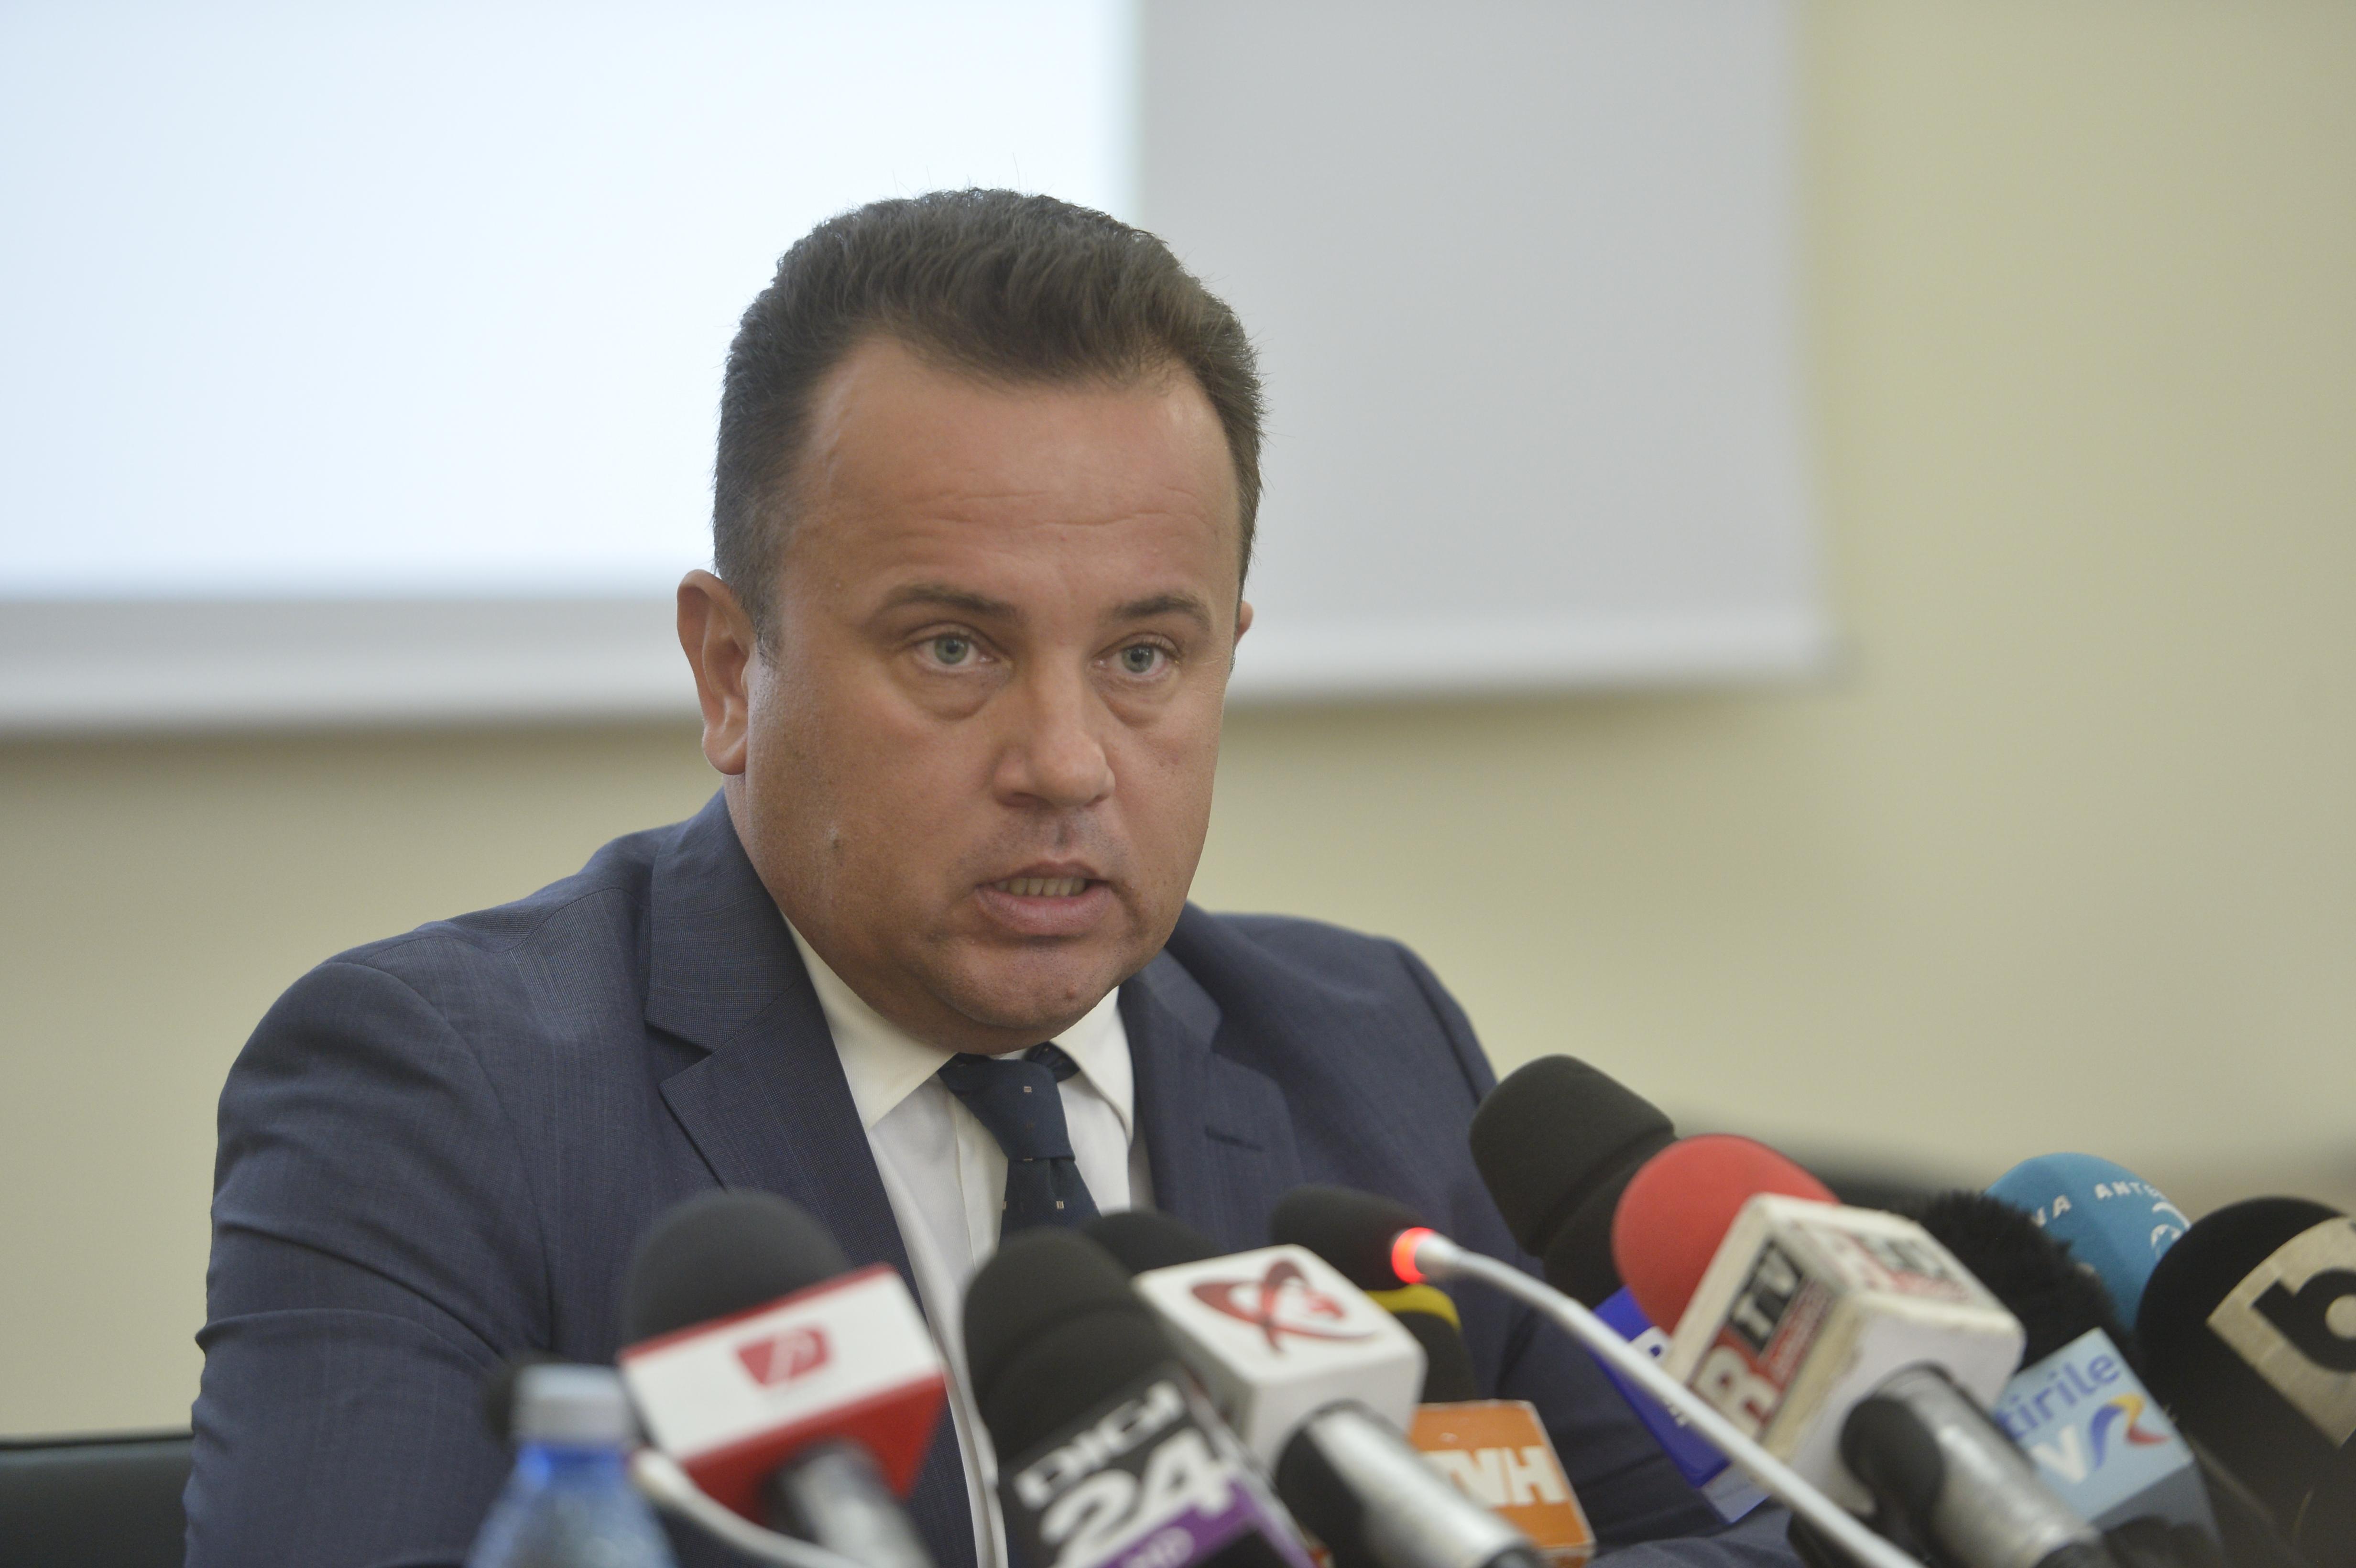 Ministrul Liviu Pop: Ucrainenii au propus să se studieze 80% în română la clasele 1-4, procentul urmând să scadă la clasele 5-6